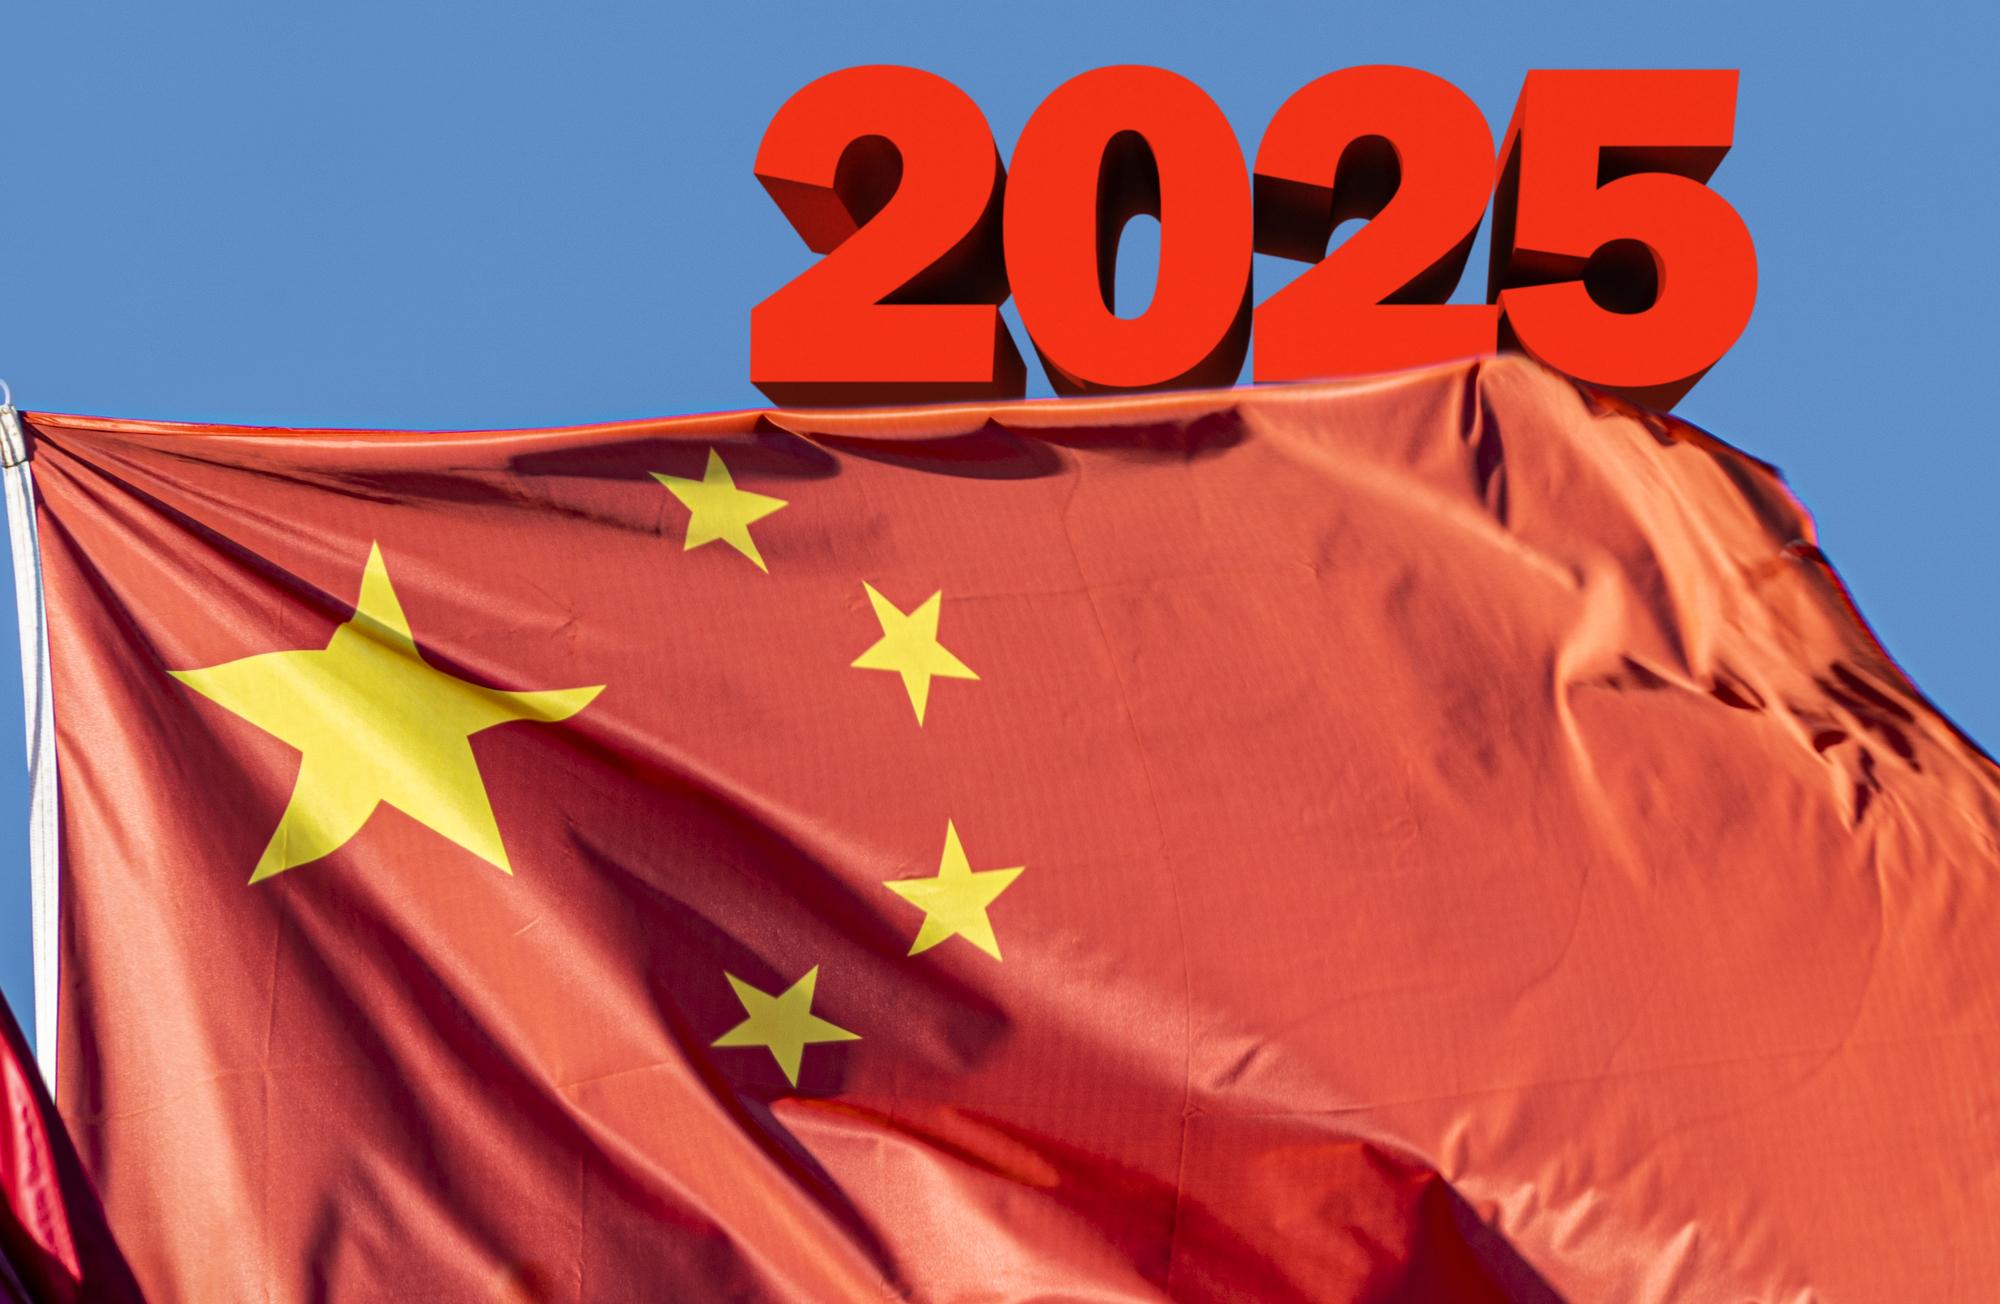 תוכנית החומש של סין לשנת 2025. המחשה: depositphotos.com